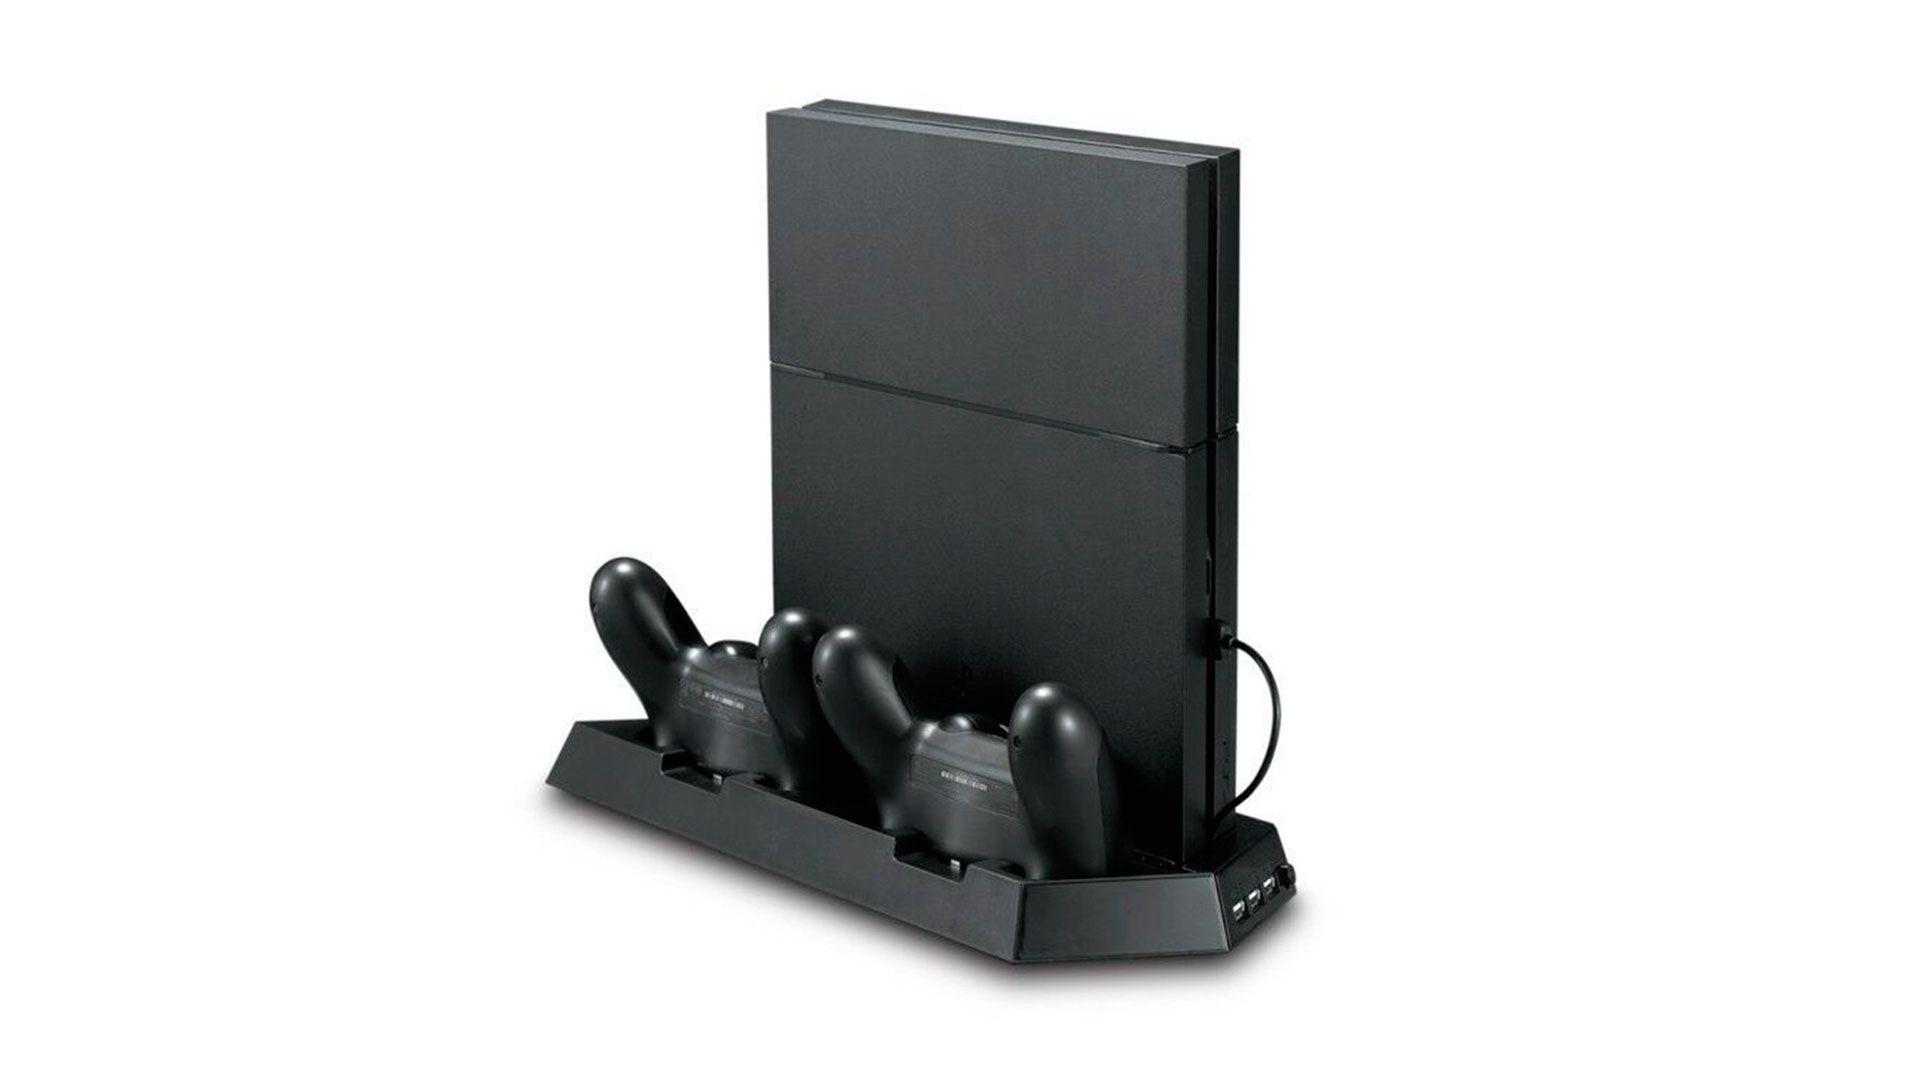 Вертикальный стенд с зарядкой для PlayStation 4 и PlayStation 4 slim изображение 2